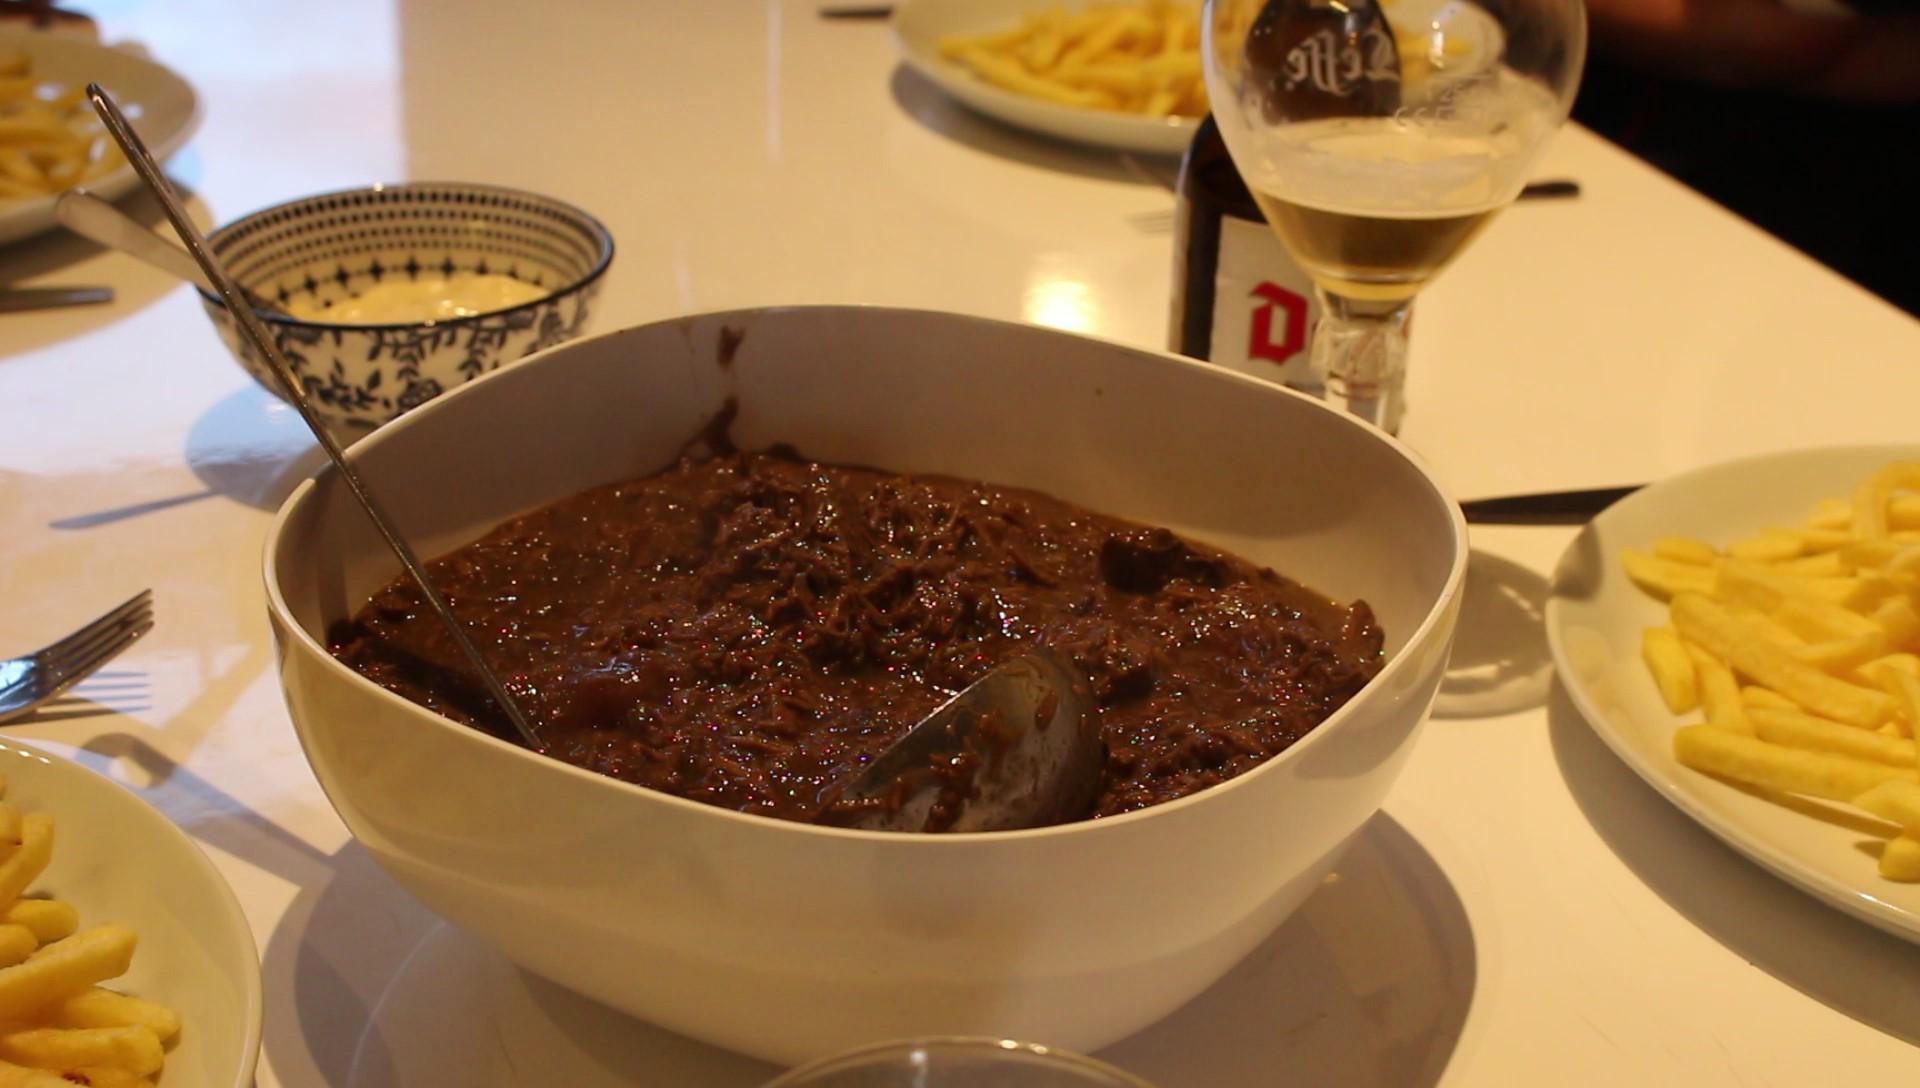 Stoofvlees met speculaaskruiden, trappistenbier en PX sherry